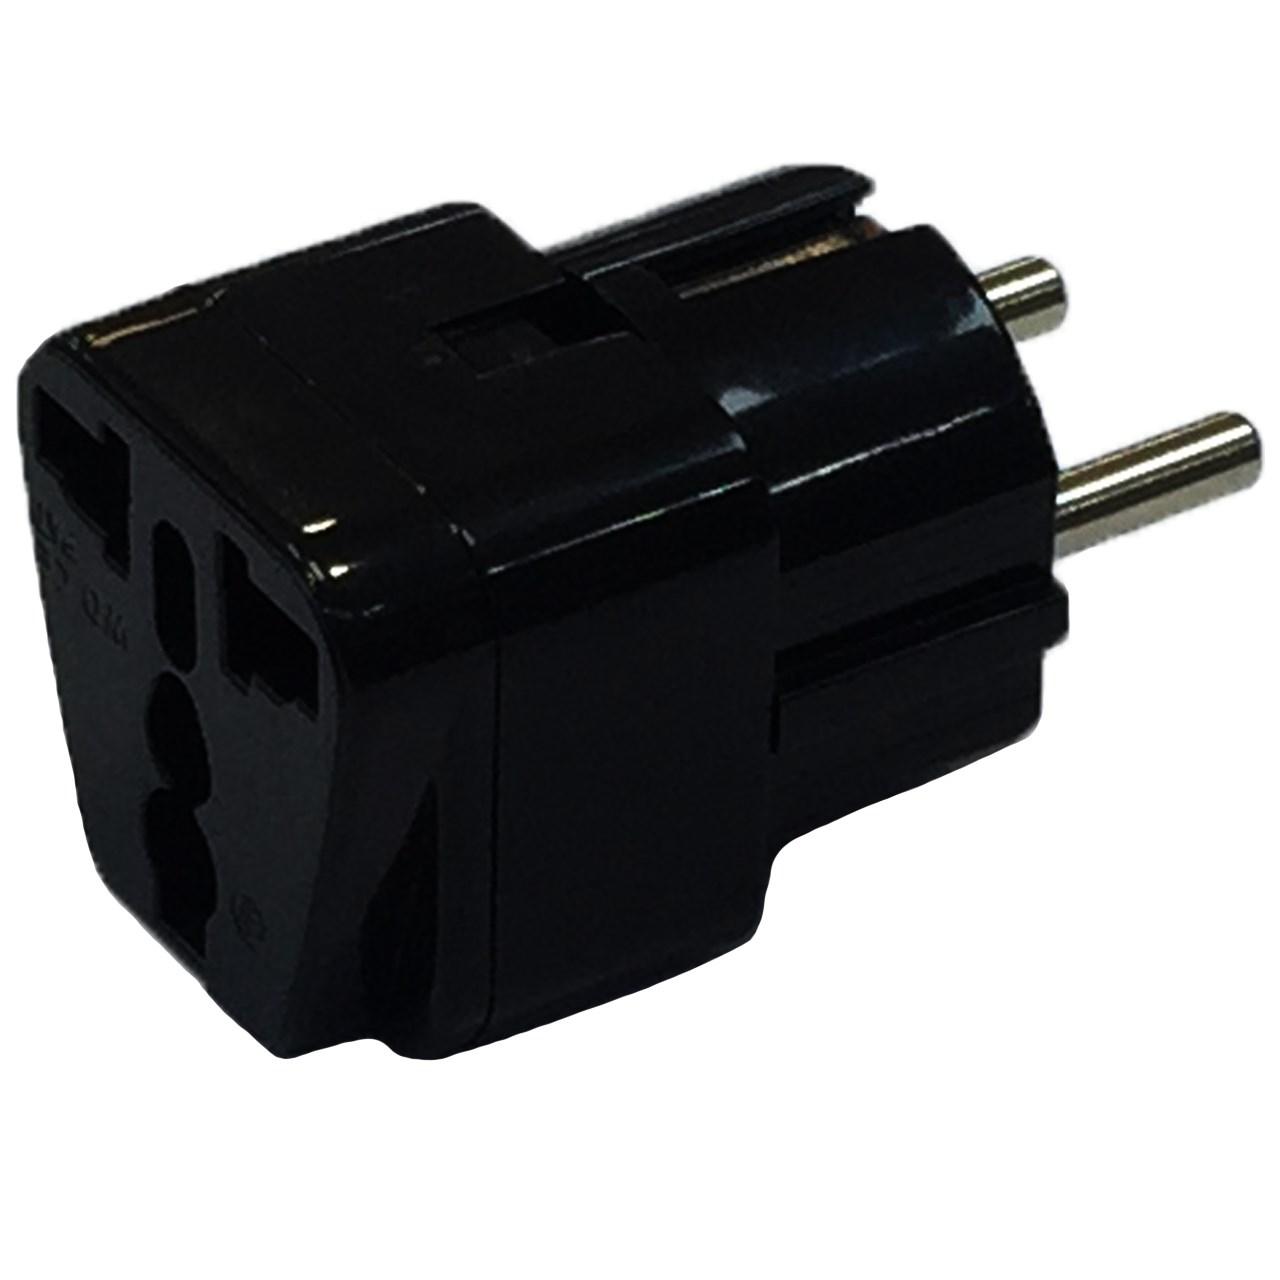 مبدل برق بافو مدل TA-EU01-V1